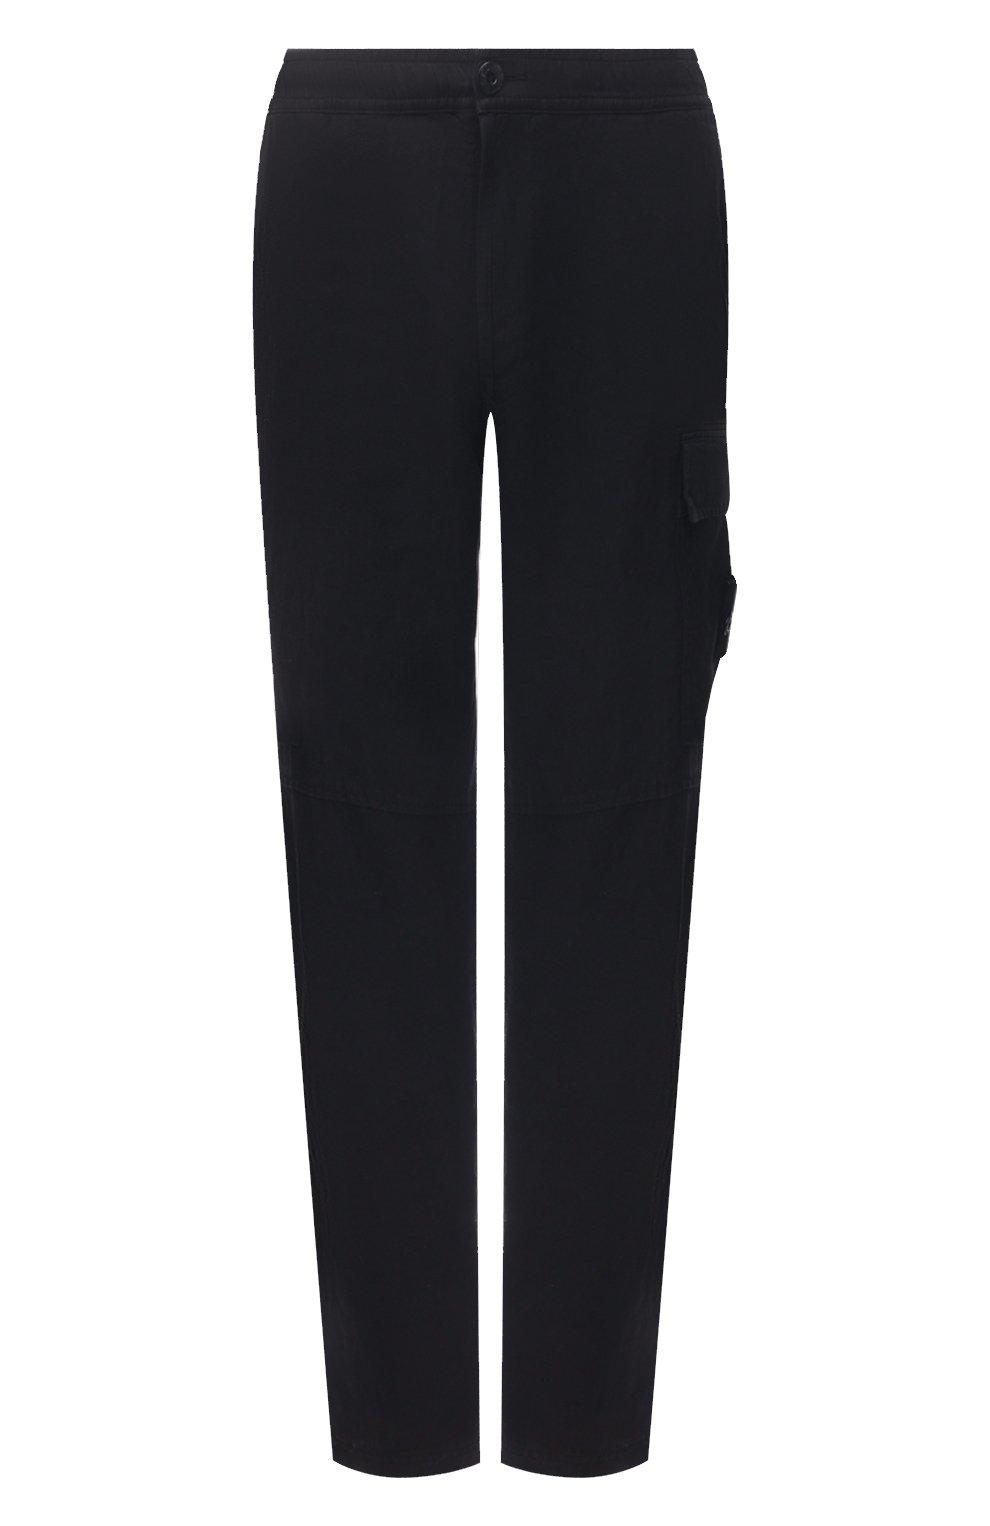 Мужские льняные брюки-карго STONE ISLAND темно-синего цвета, арт. 741531601   Фото 1 (Силуэт М (брюки): Карго; Длина (брюки, джинсы): Стандартные; Случай: Повседневный; Материал внешний: Лен; Стили: Кэжуэл)